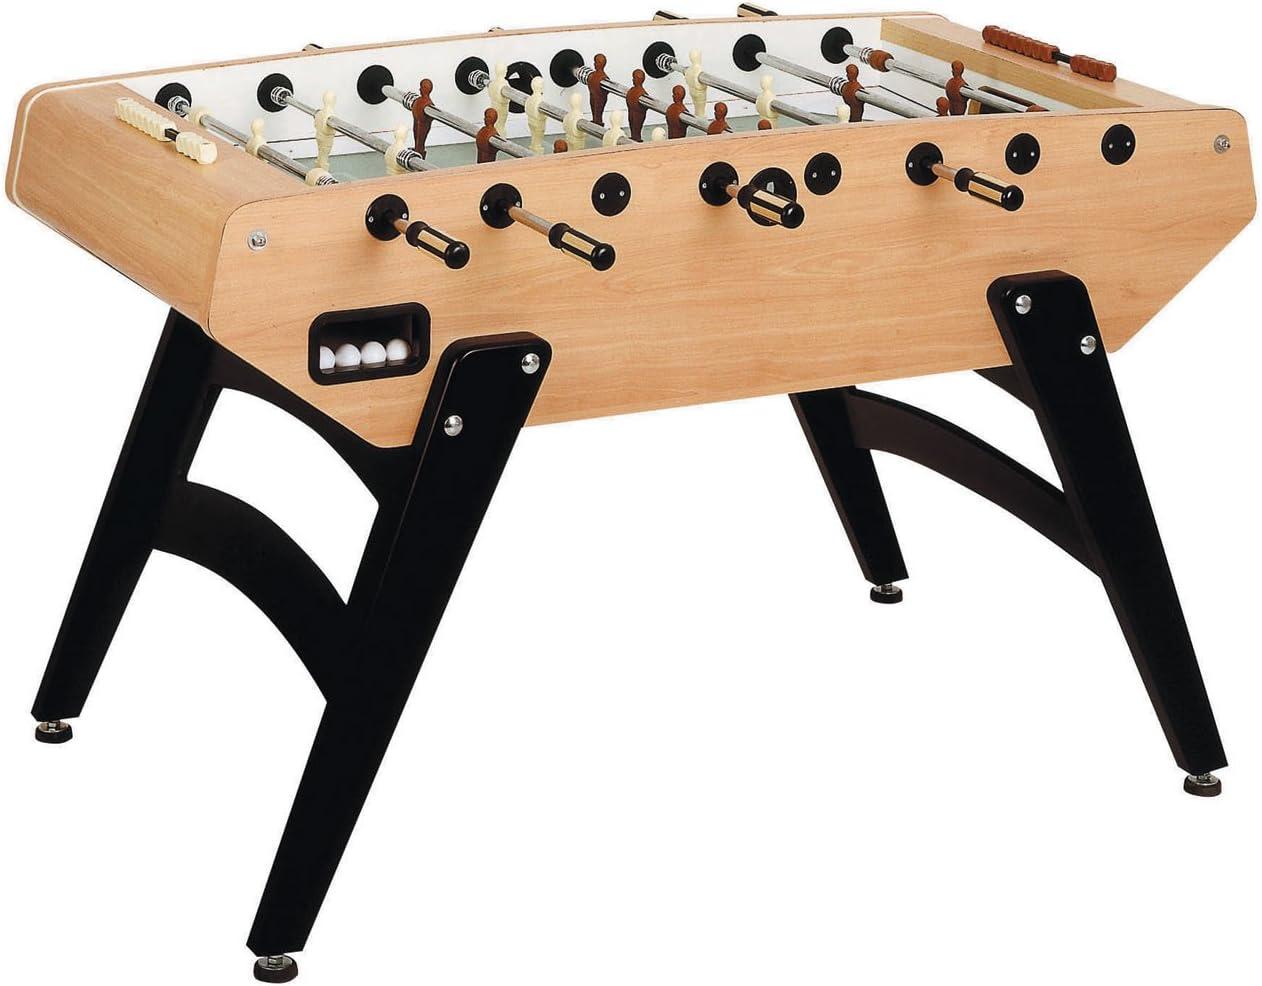 Garlando G-5000 interior futbolín con barras telescópicas, con patas, Abacus puntuación y 10 bolas de estándar., Wood Grain: Amazon.es: Deportes y aire libre